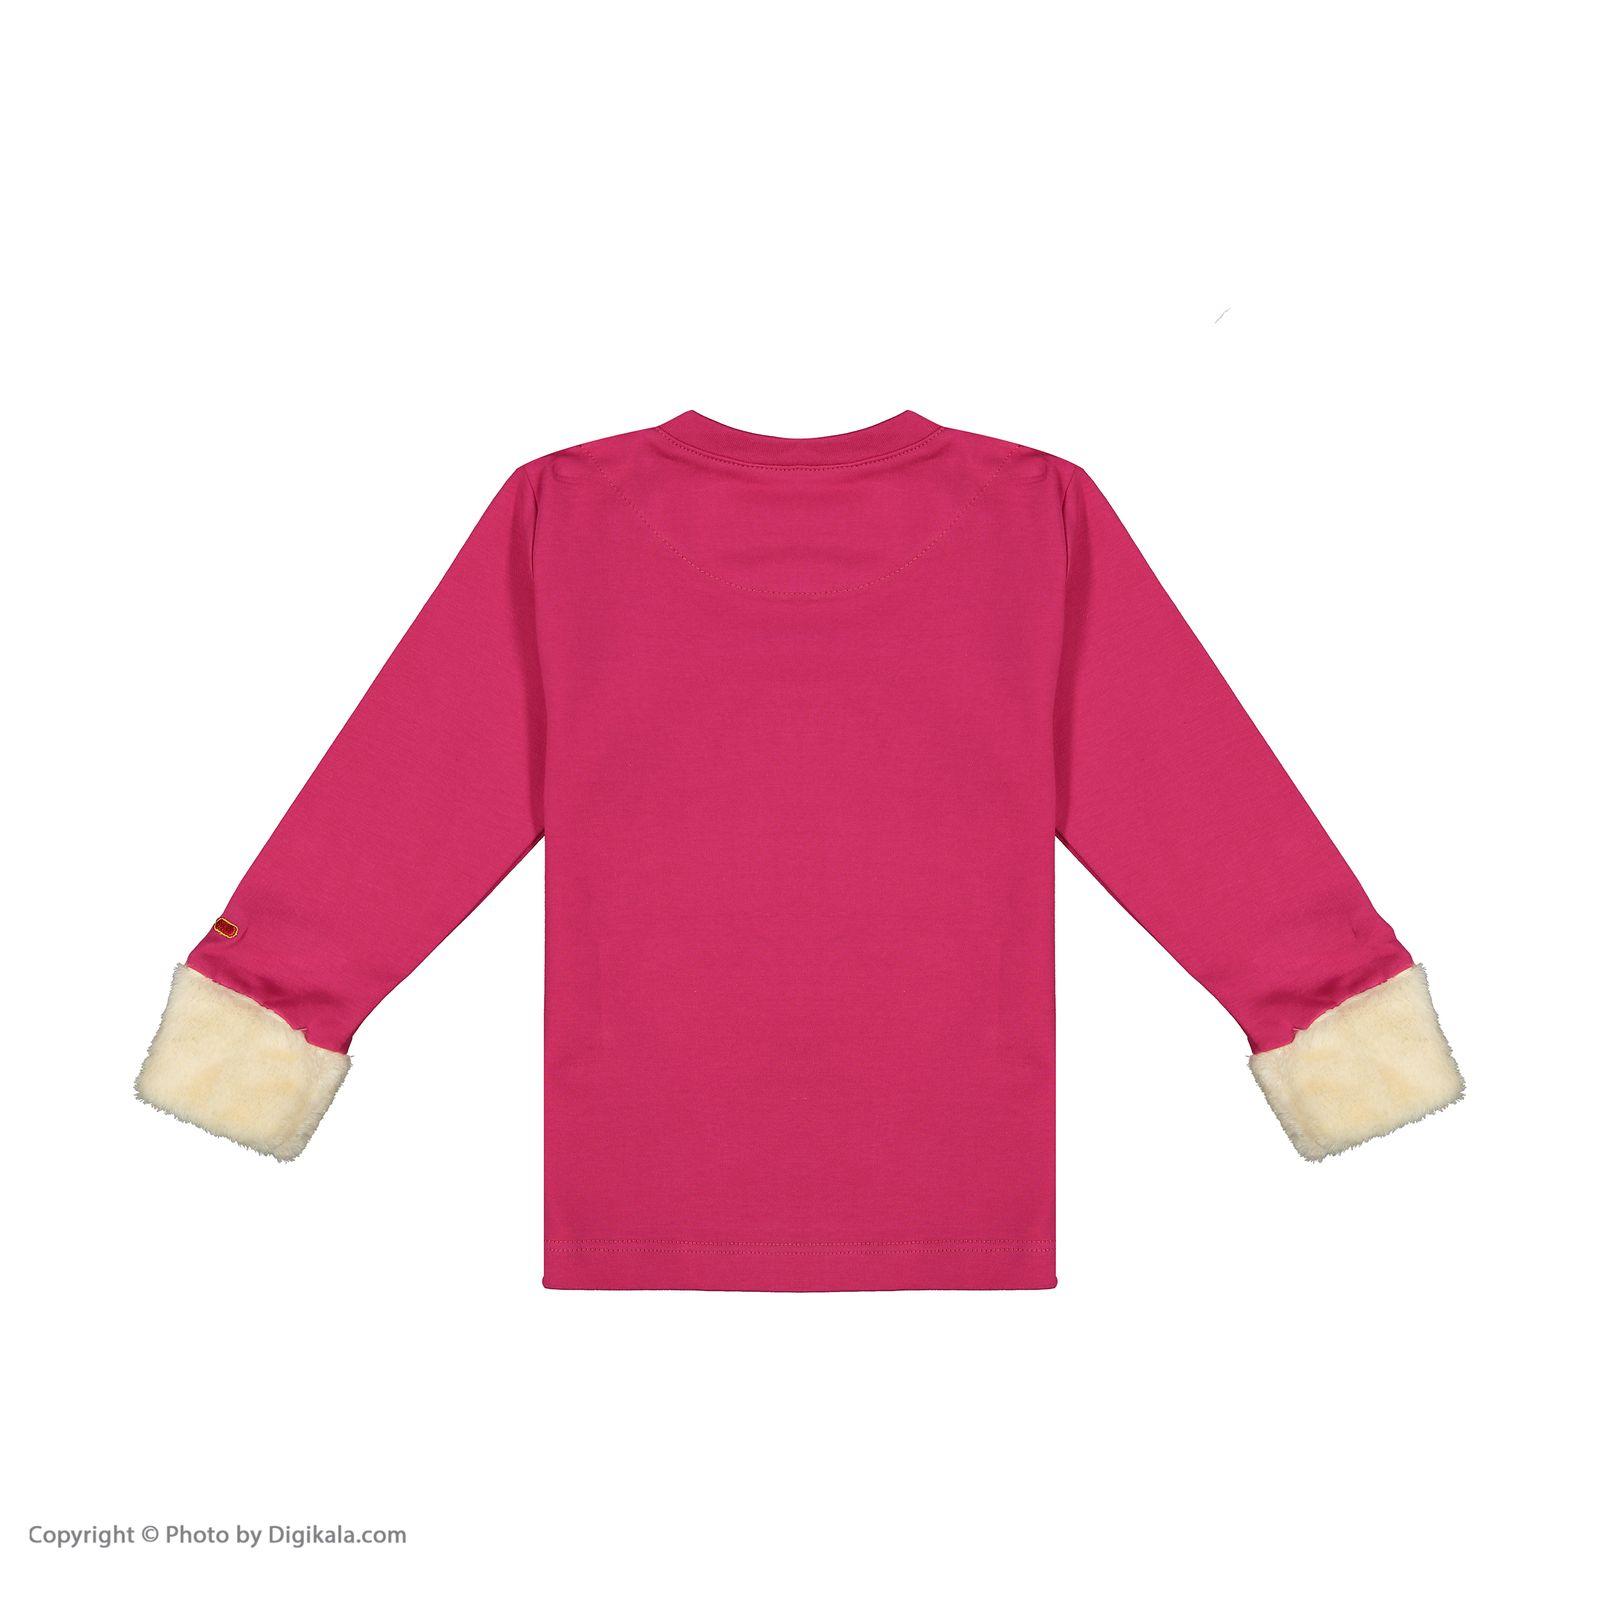 ست تی شرت و شلوار دخترانه مادر مدل 312-66 main 1 3